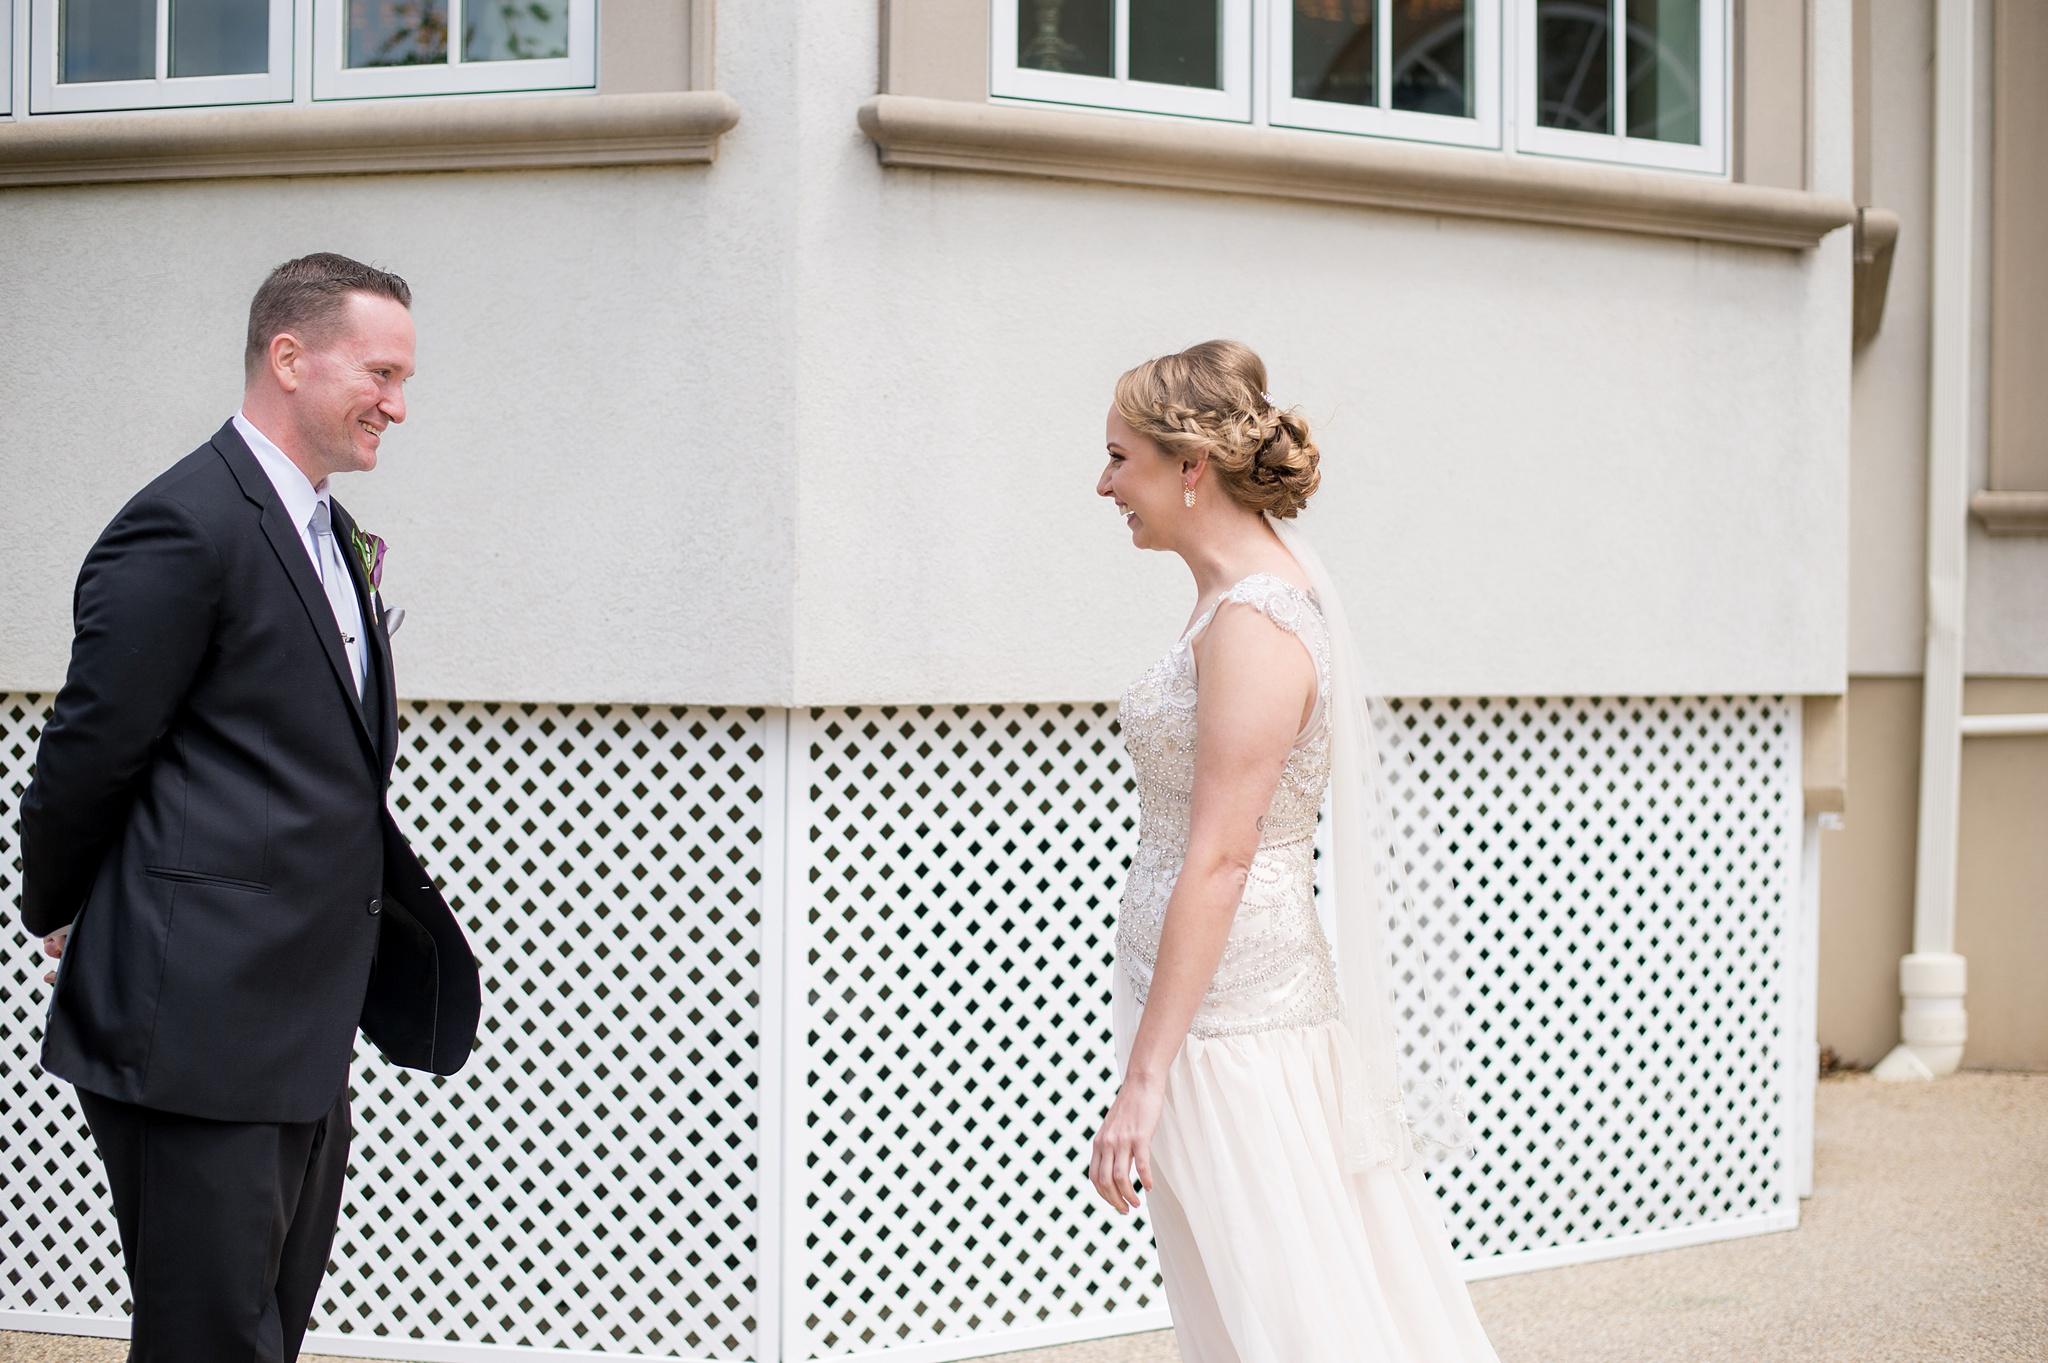 KelliandJohn.Married-129.jpg